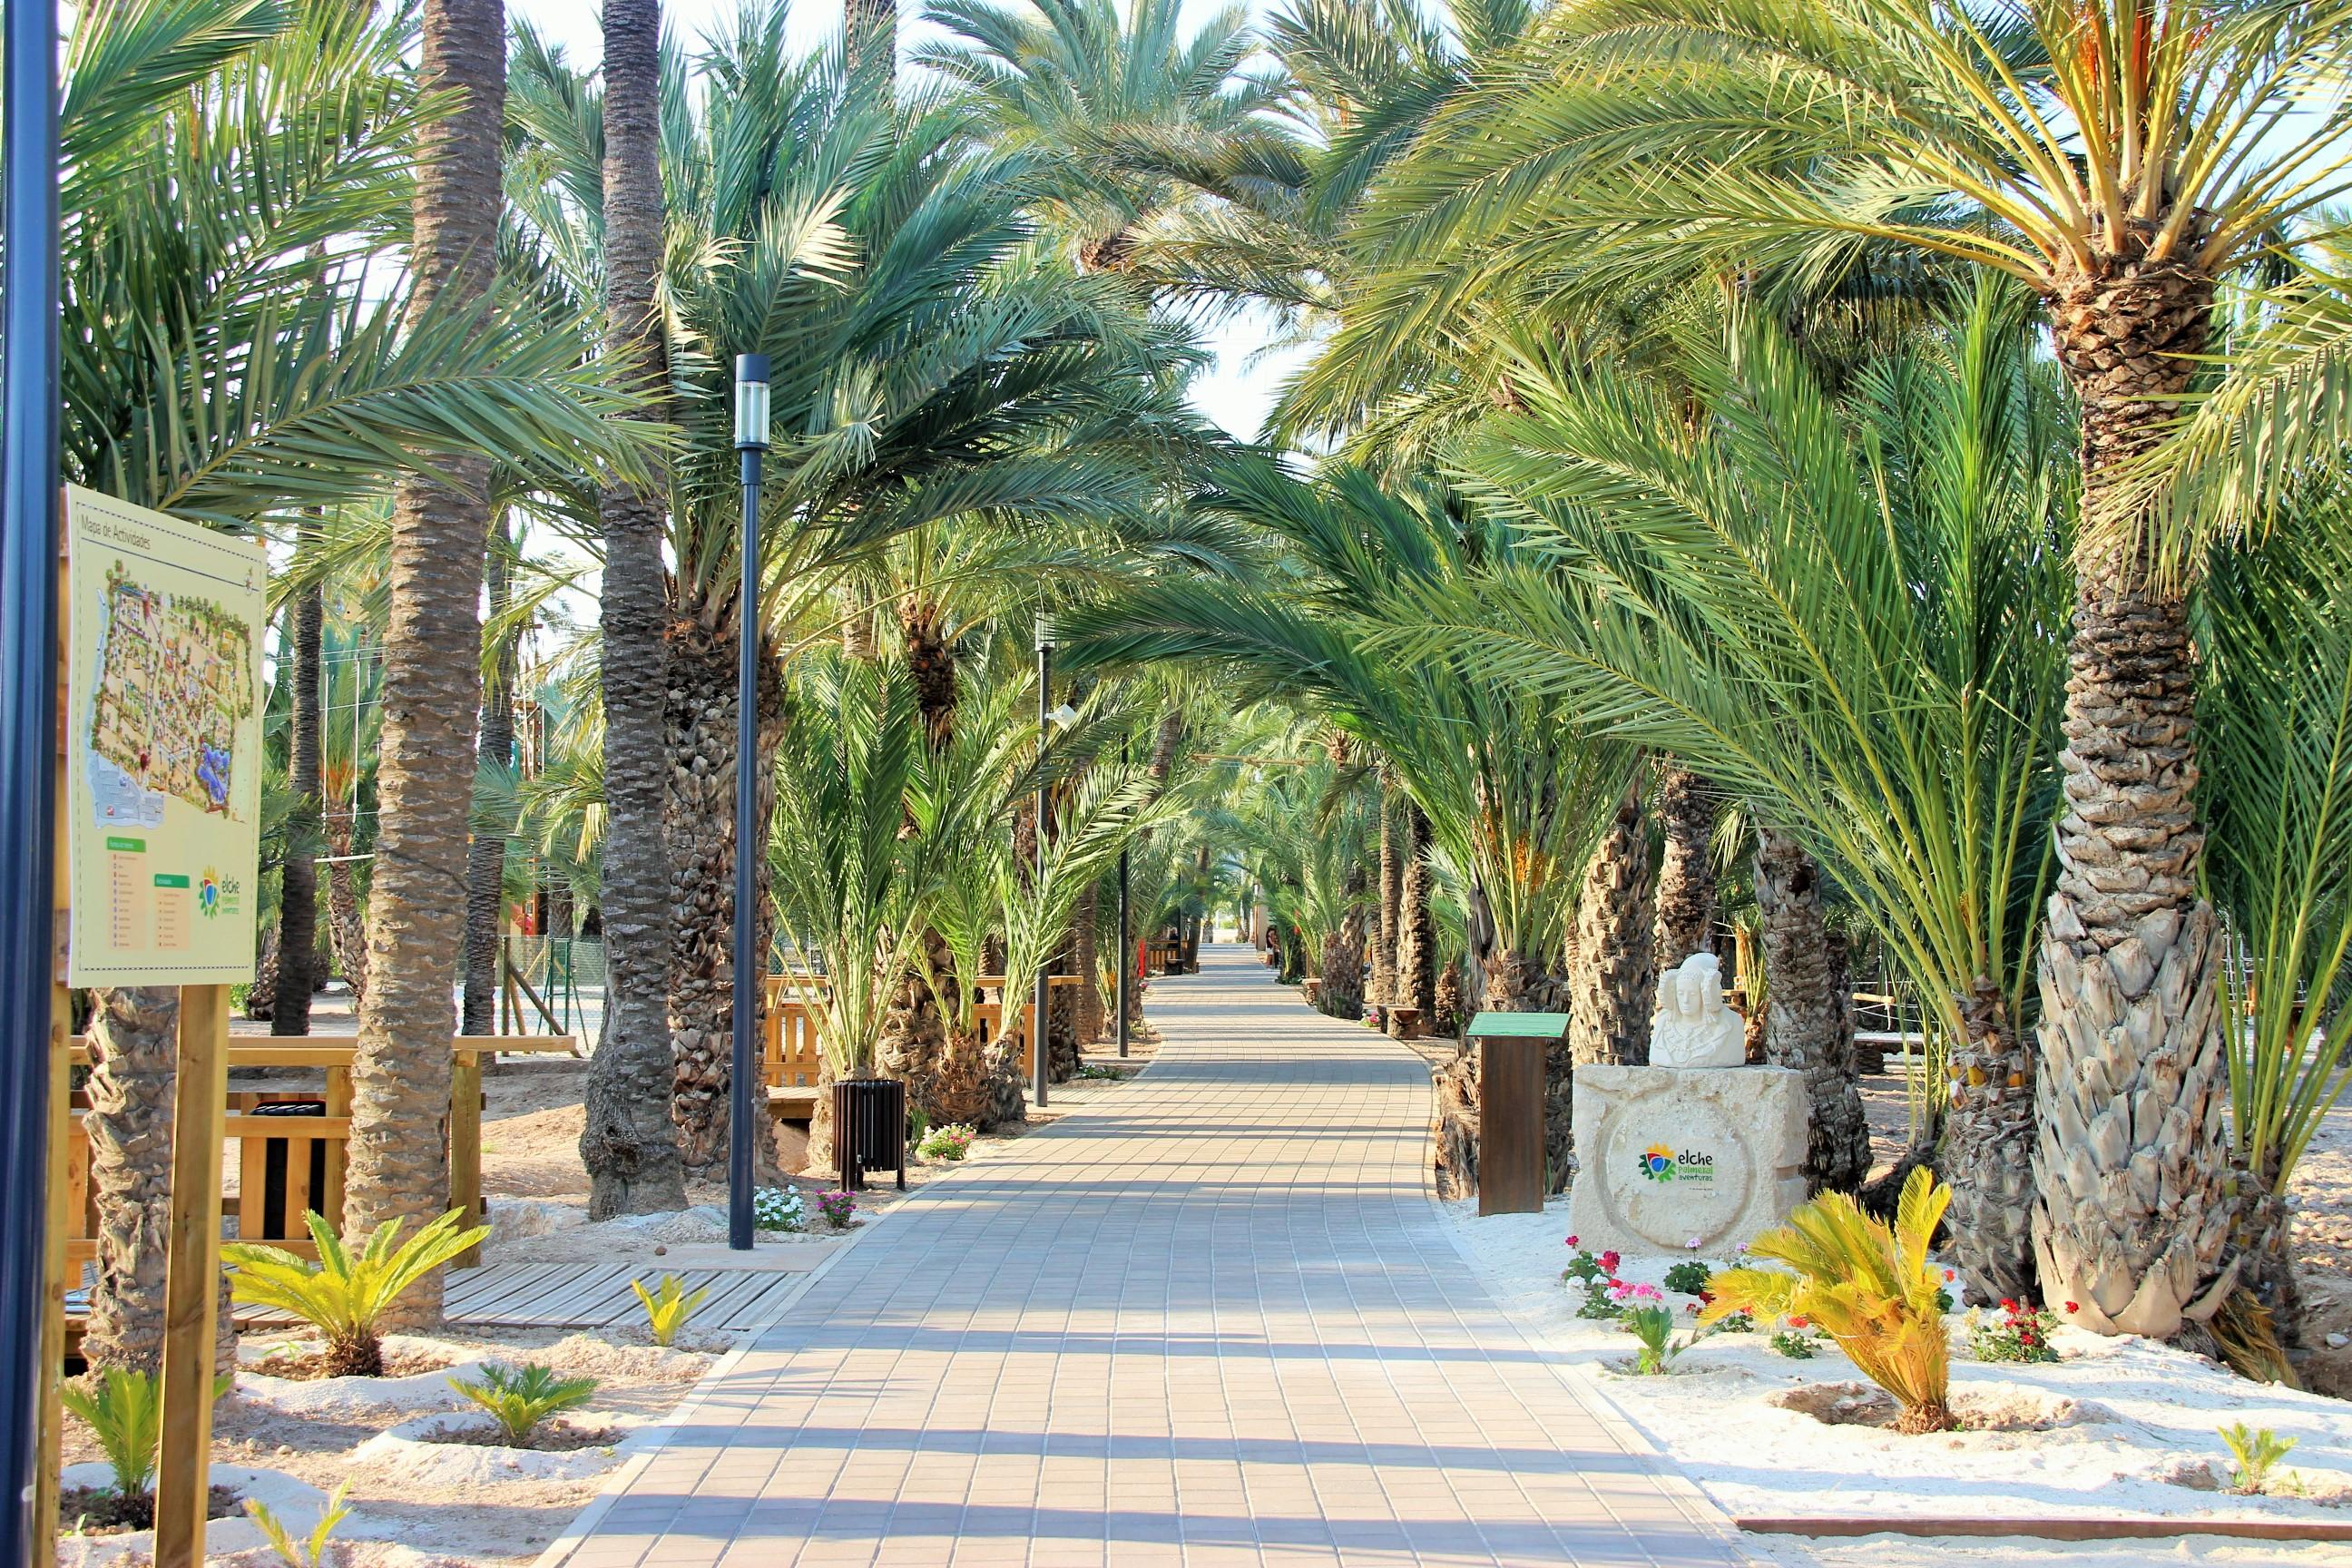 Multiaventura Elche – El paraíso dentro de los palmeras!